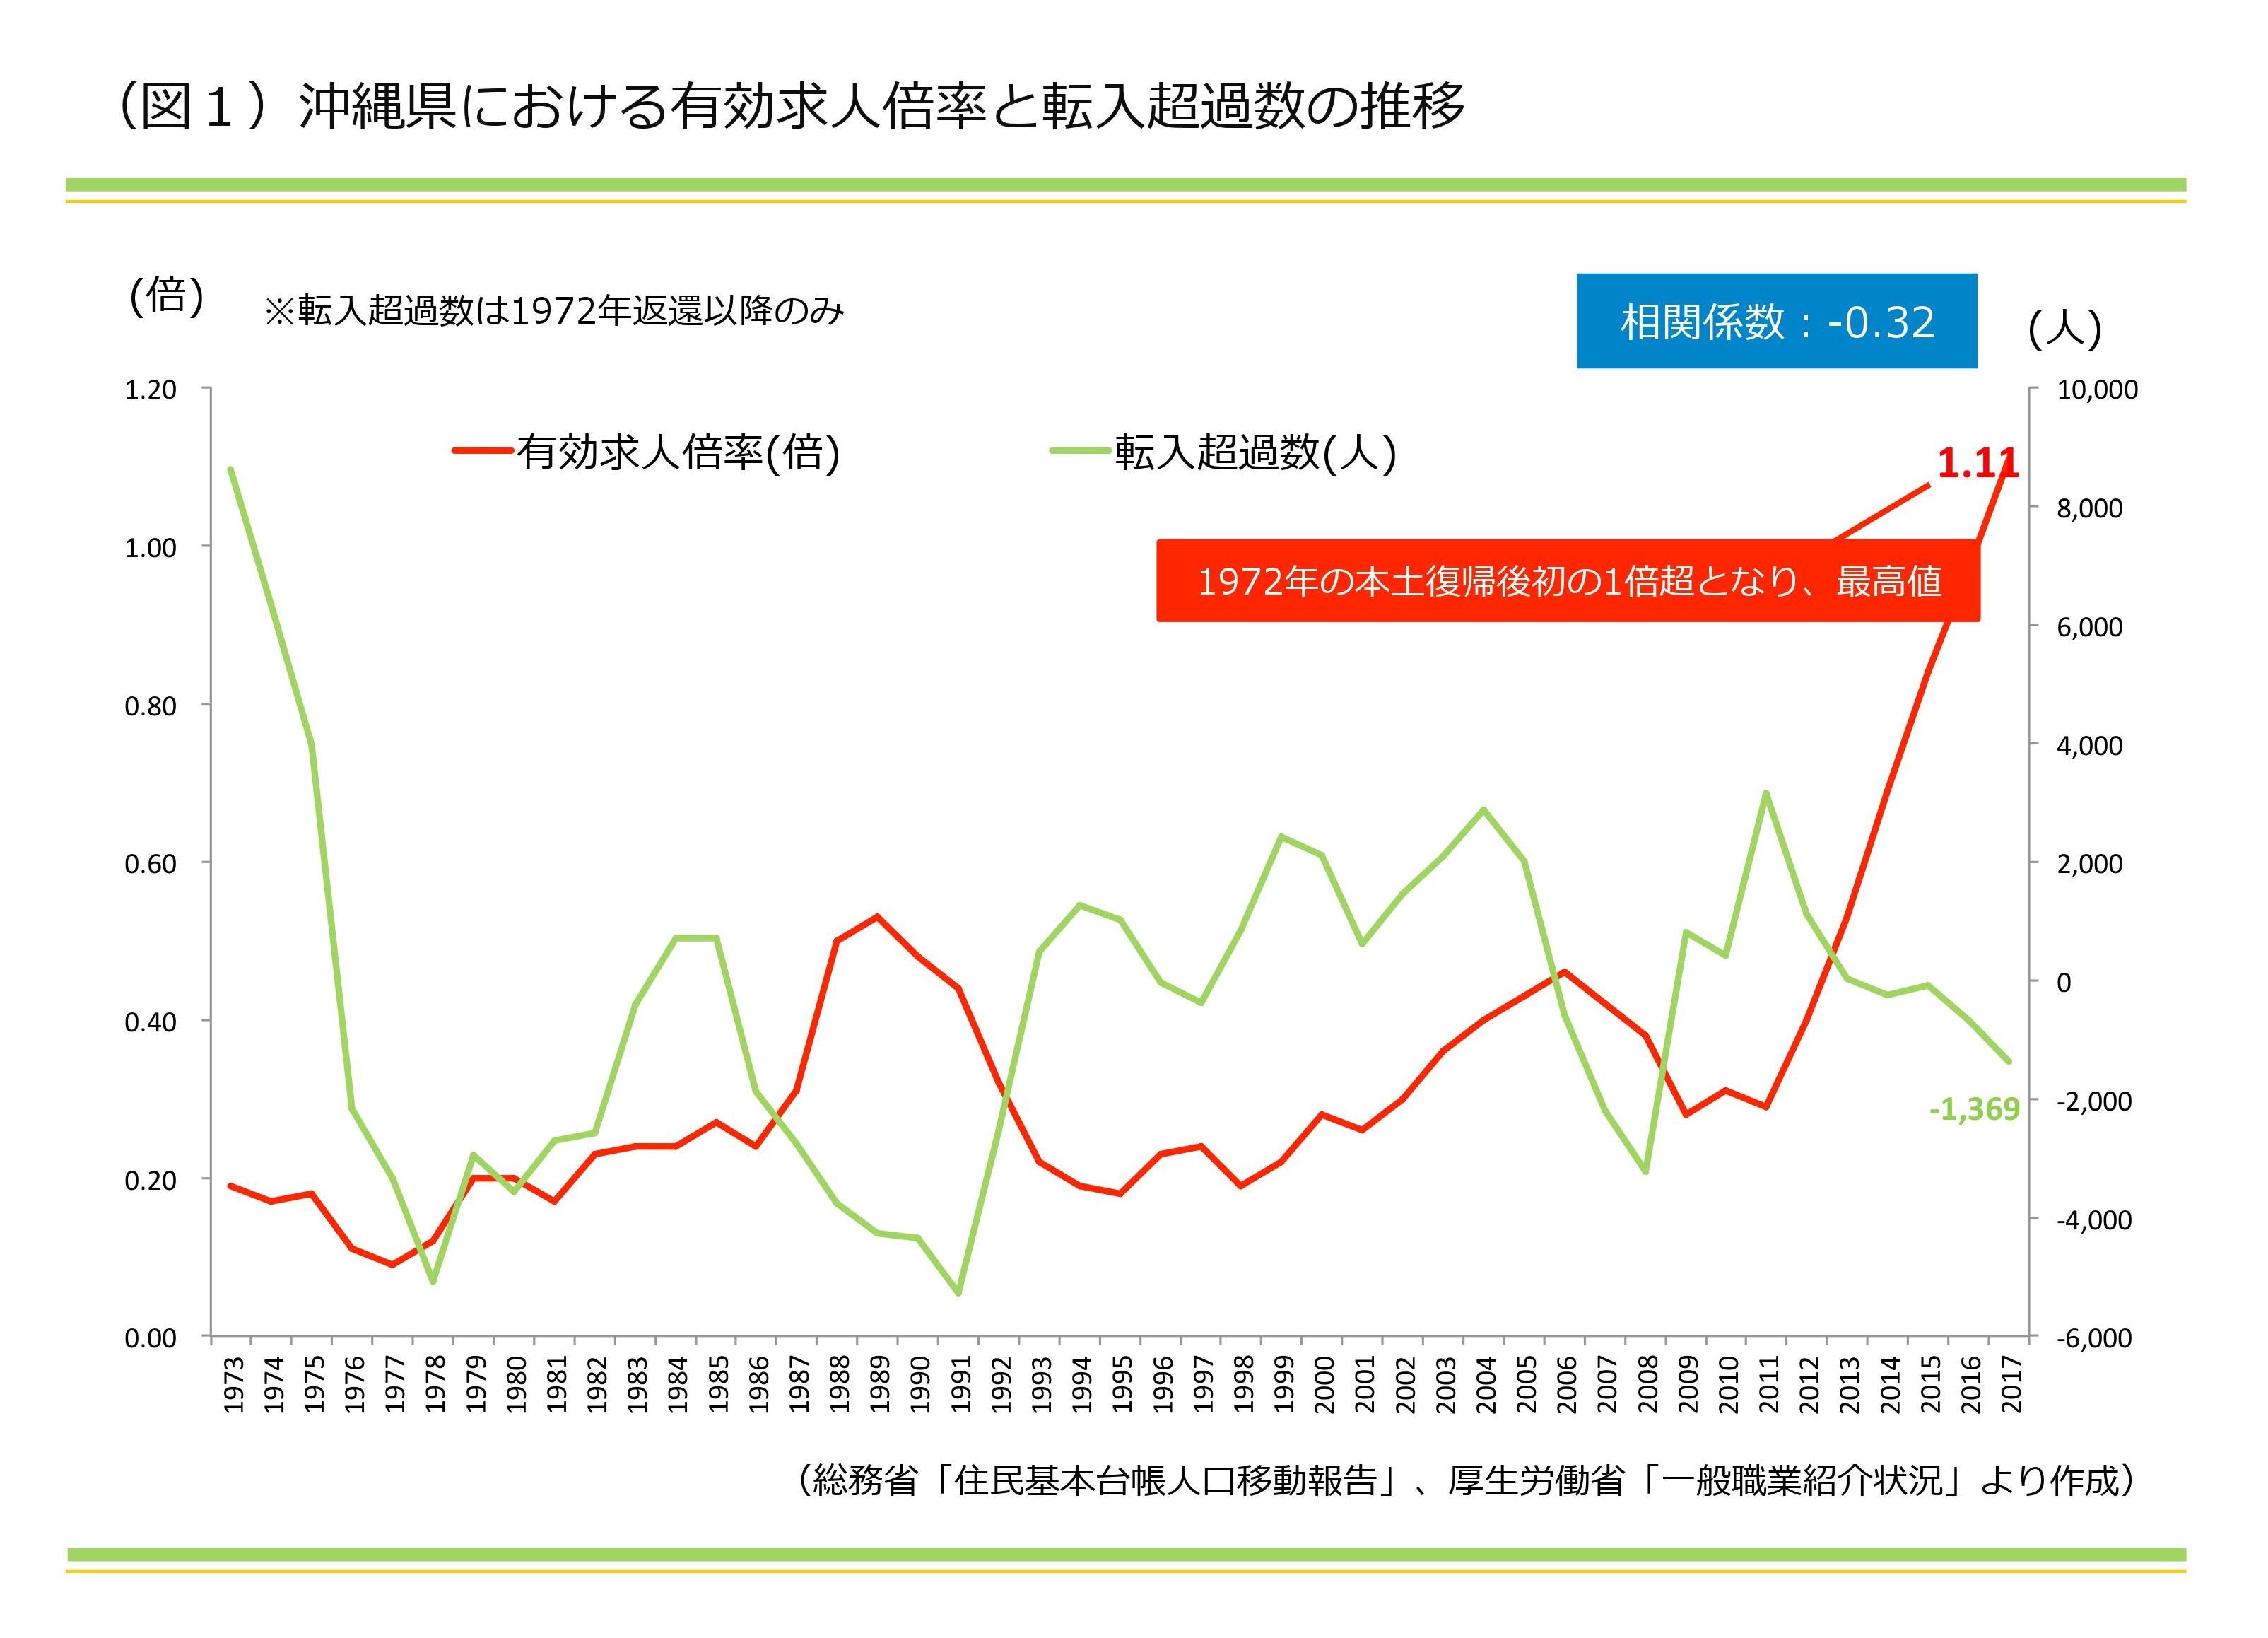 大鏡CREコラムvol6|中小企業が社宅を持つメリットとは?|沖縄県における有効求人倍率と転入超過数の推移